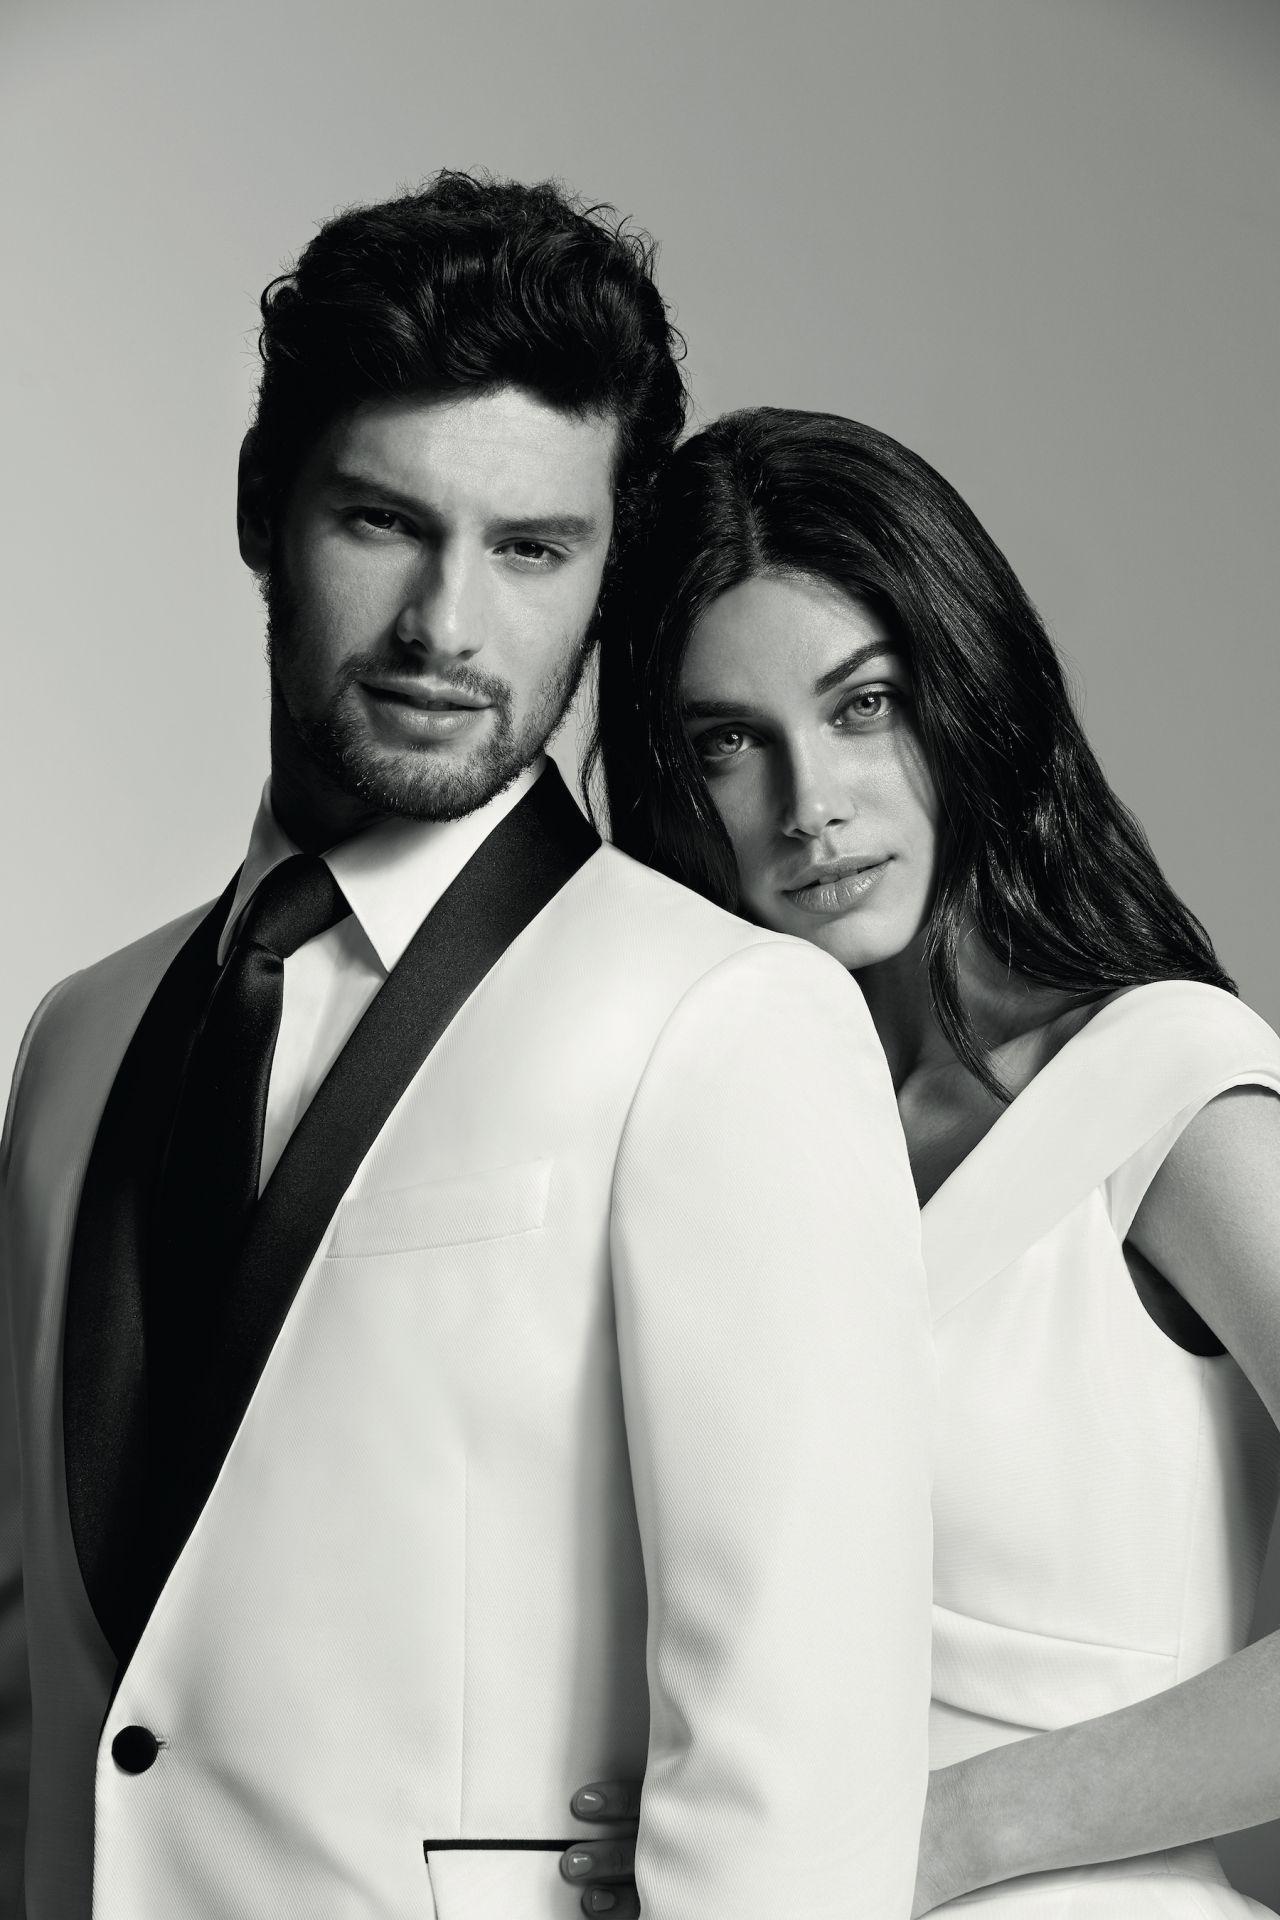 Pronovias se asocia con una prestigiosa maison italiana para lanzar una nueva colección de trajes para novios